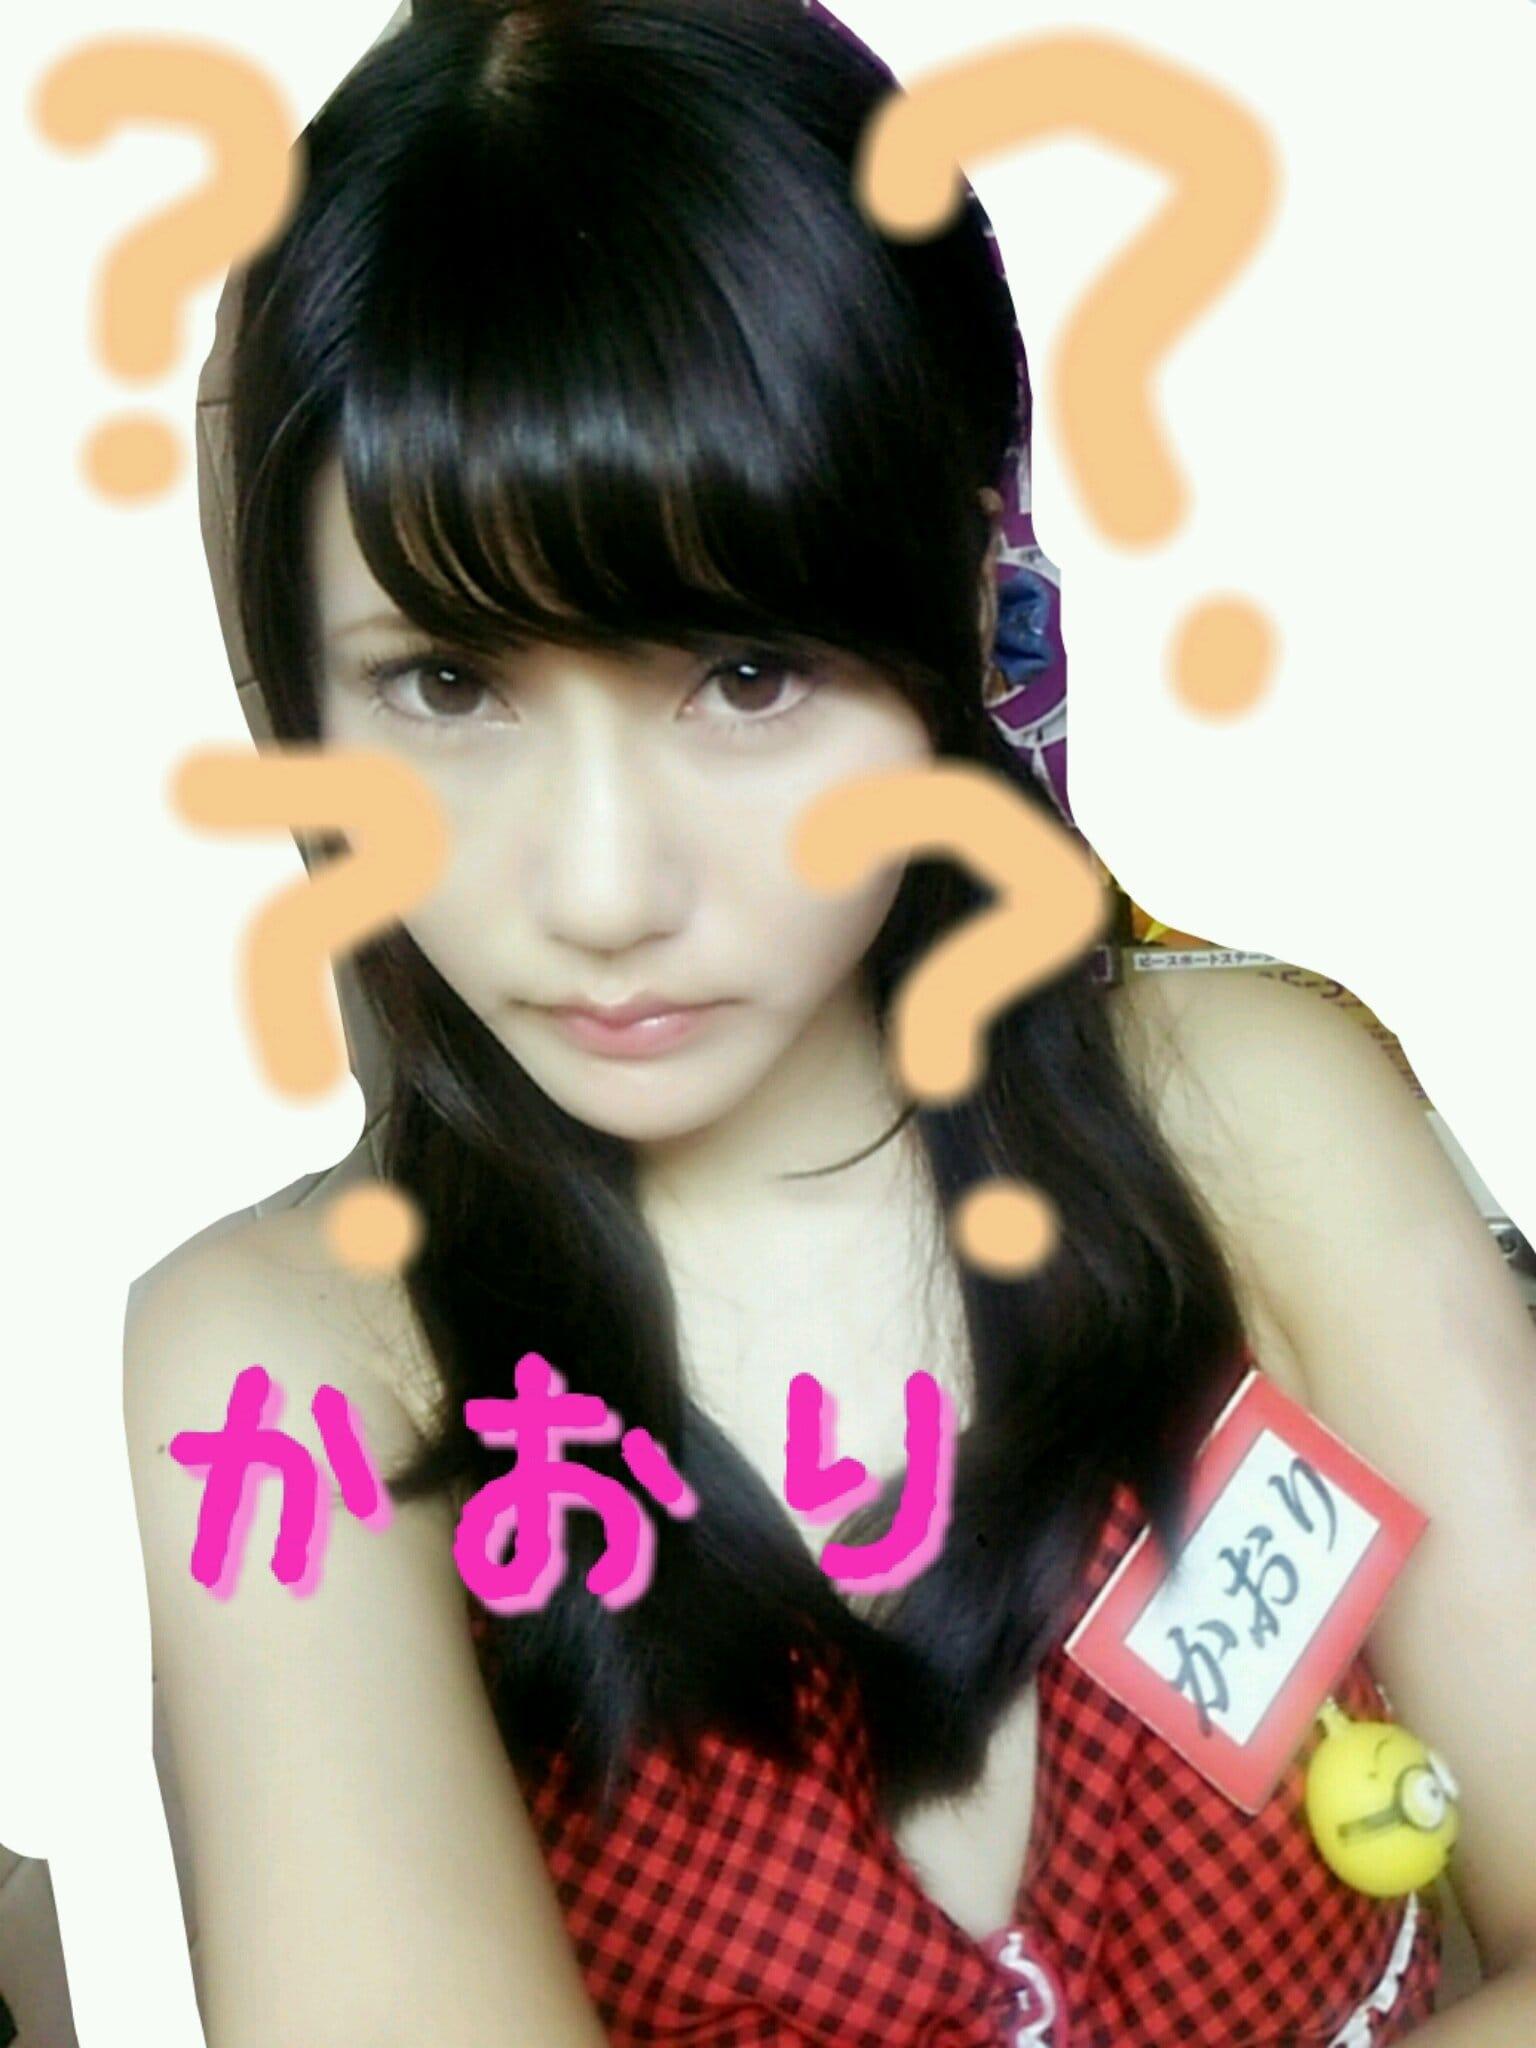 「☆★変顔してないです★☆」09/04(月) 14:45 | かおりの写メ・風俗動画